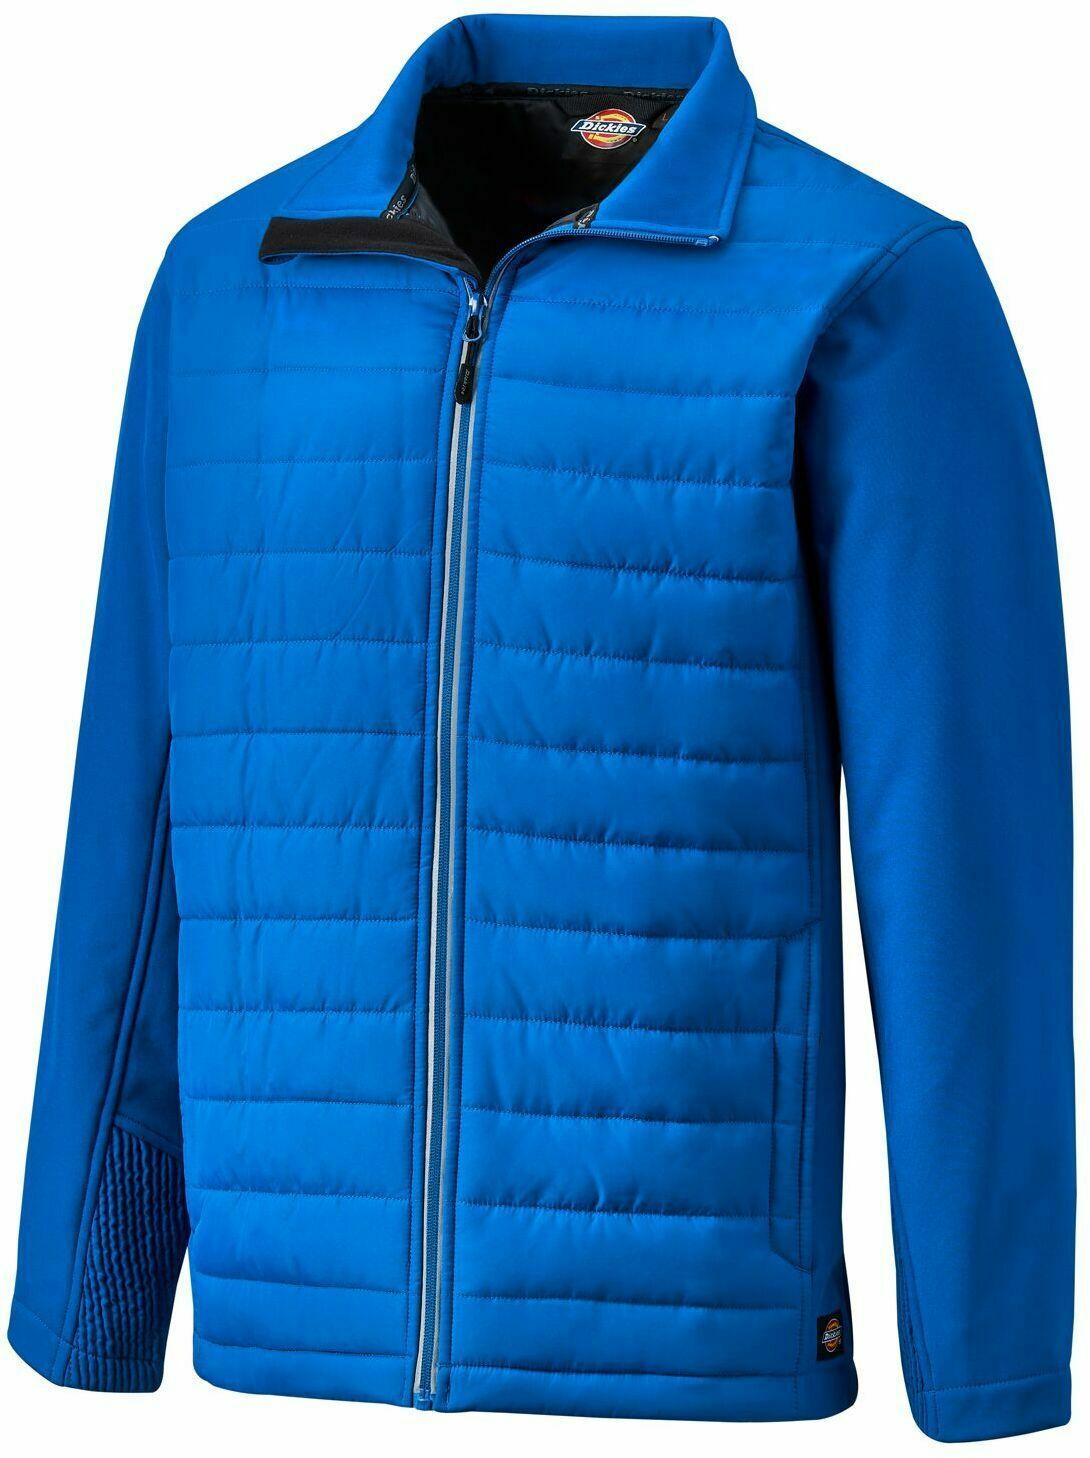 Dickies Loudon Work Jacket - Mens Royal Blue Padded Coat EH36000 -£16.50 dickies-outlet ebay